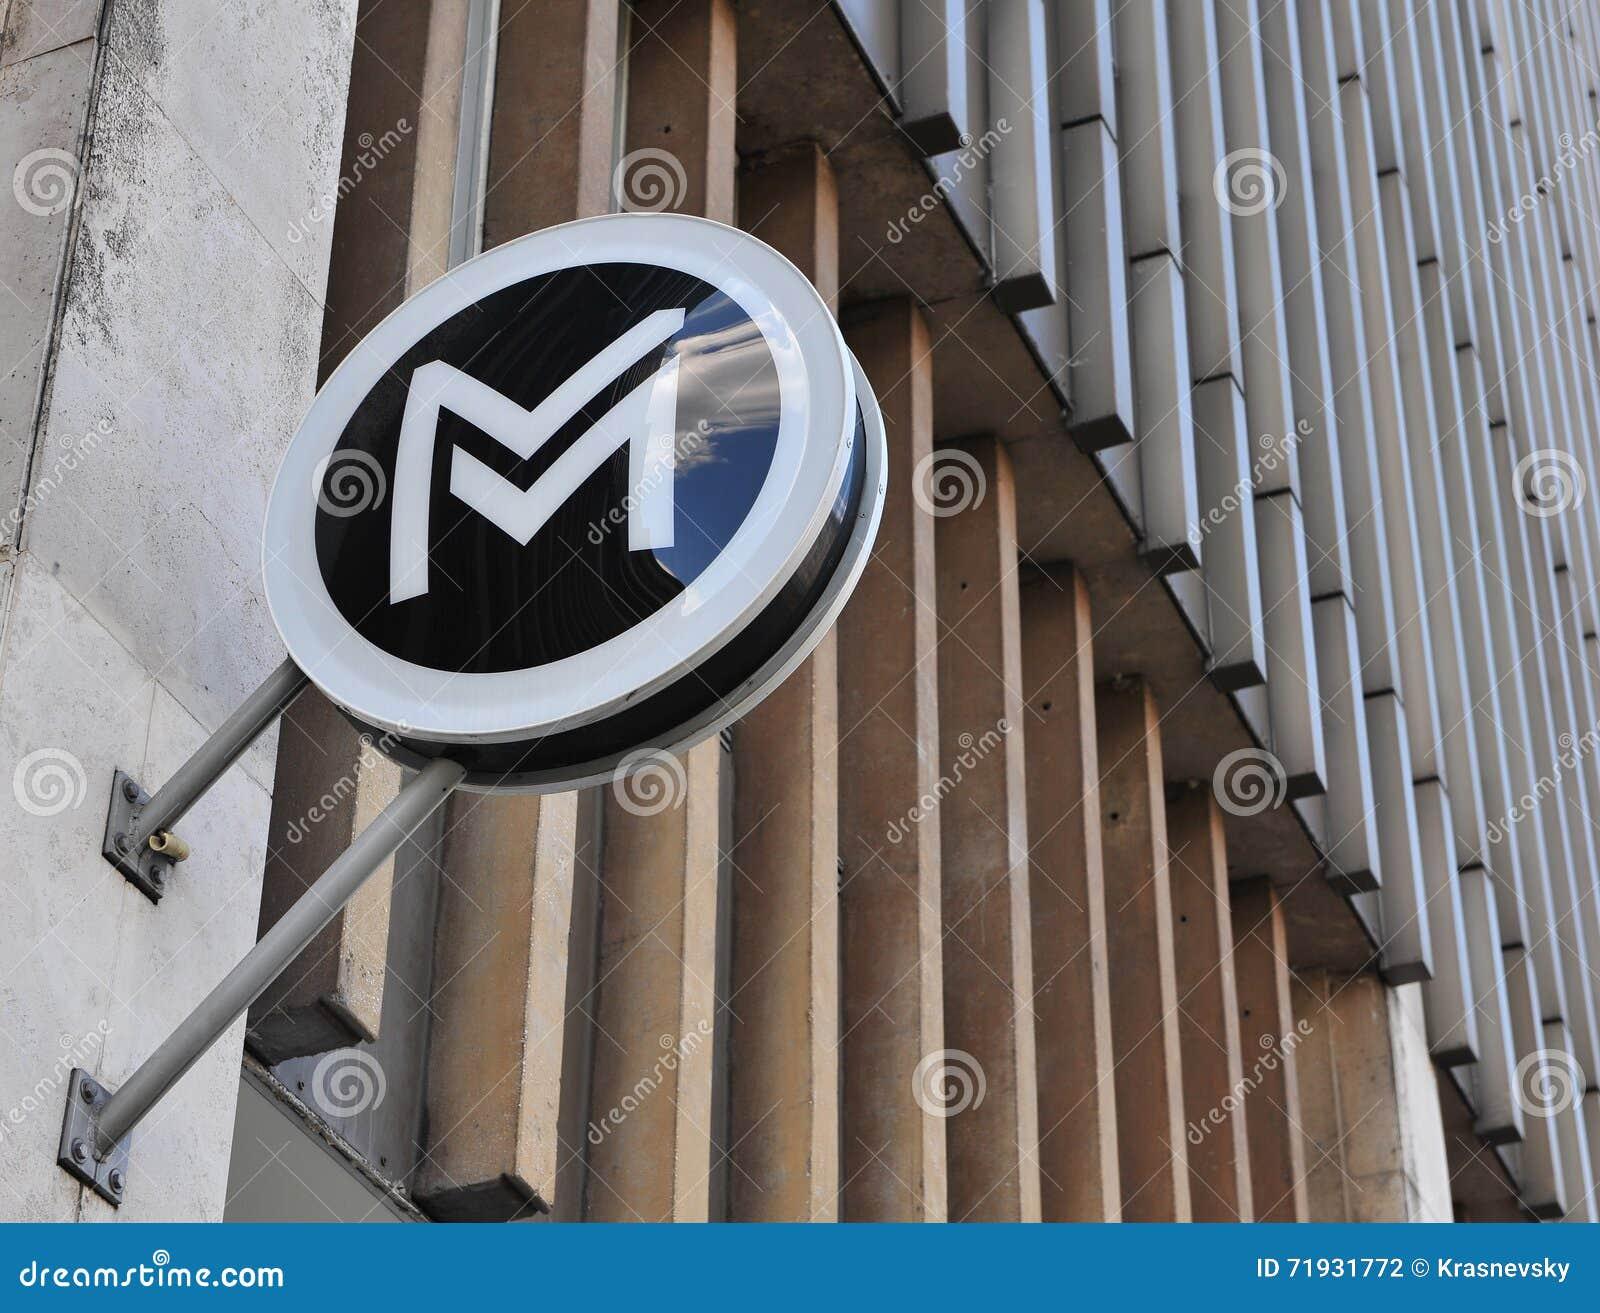 Знак метро города Будапешта